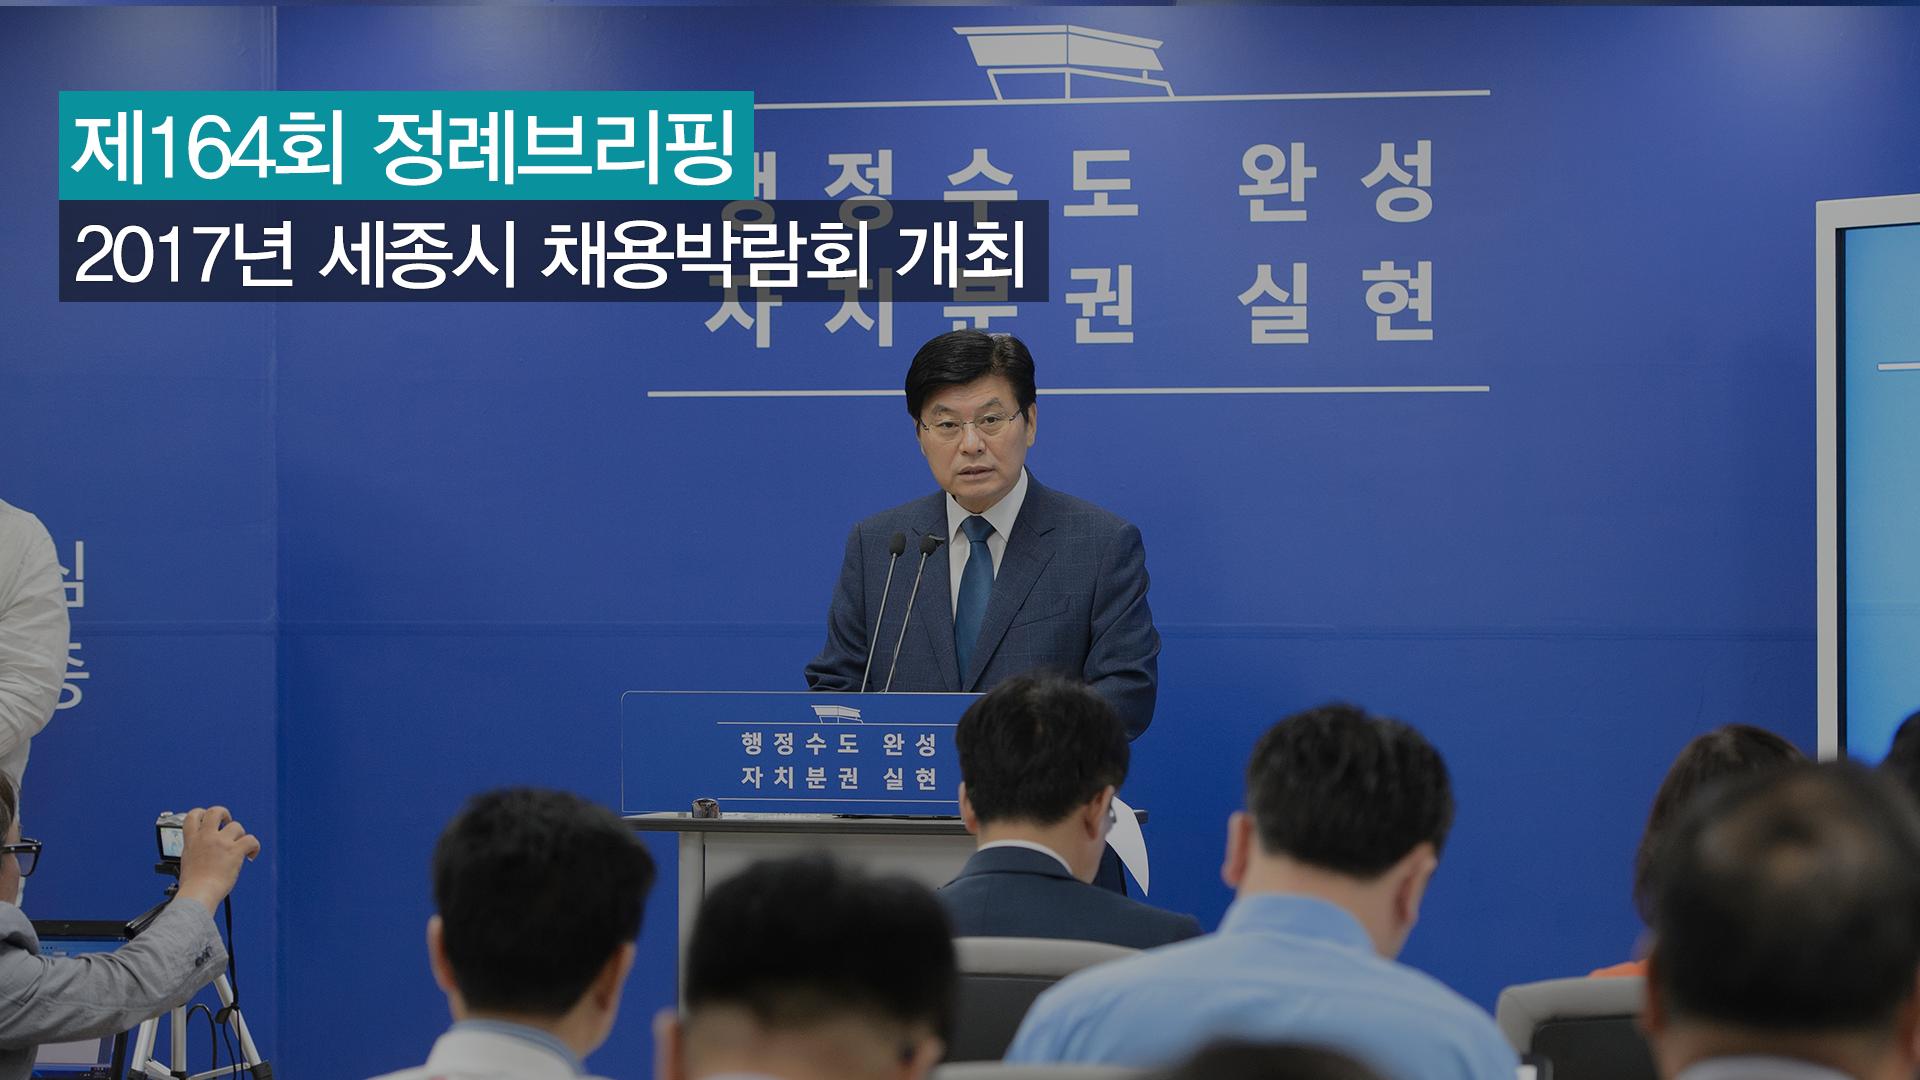 <164번째 정례브리핑> 2017년 세종시 채용박람회 개최